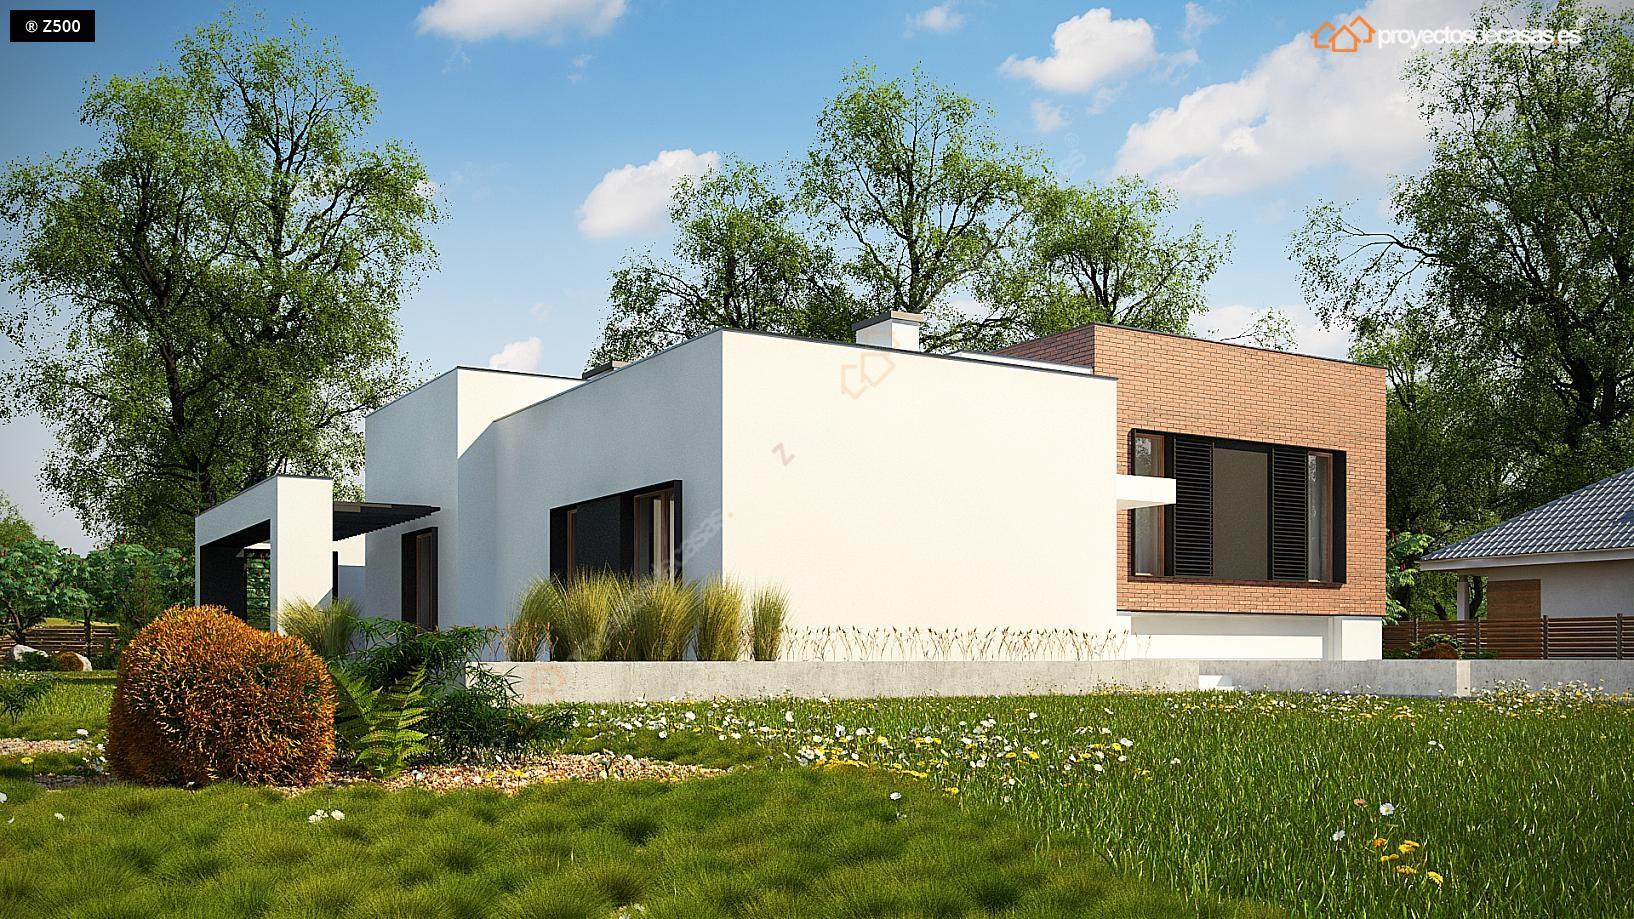 Proyectos de casas casa moderna aldaya con garaje for Casas modernas de una planta minimalistas